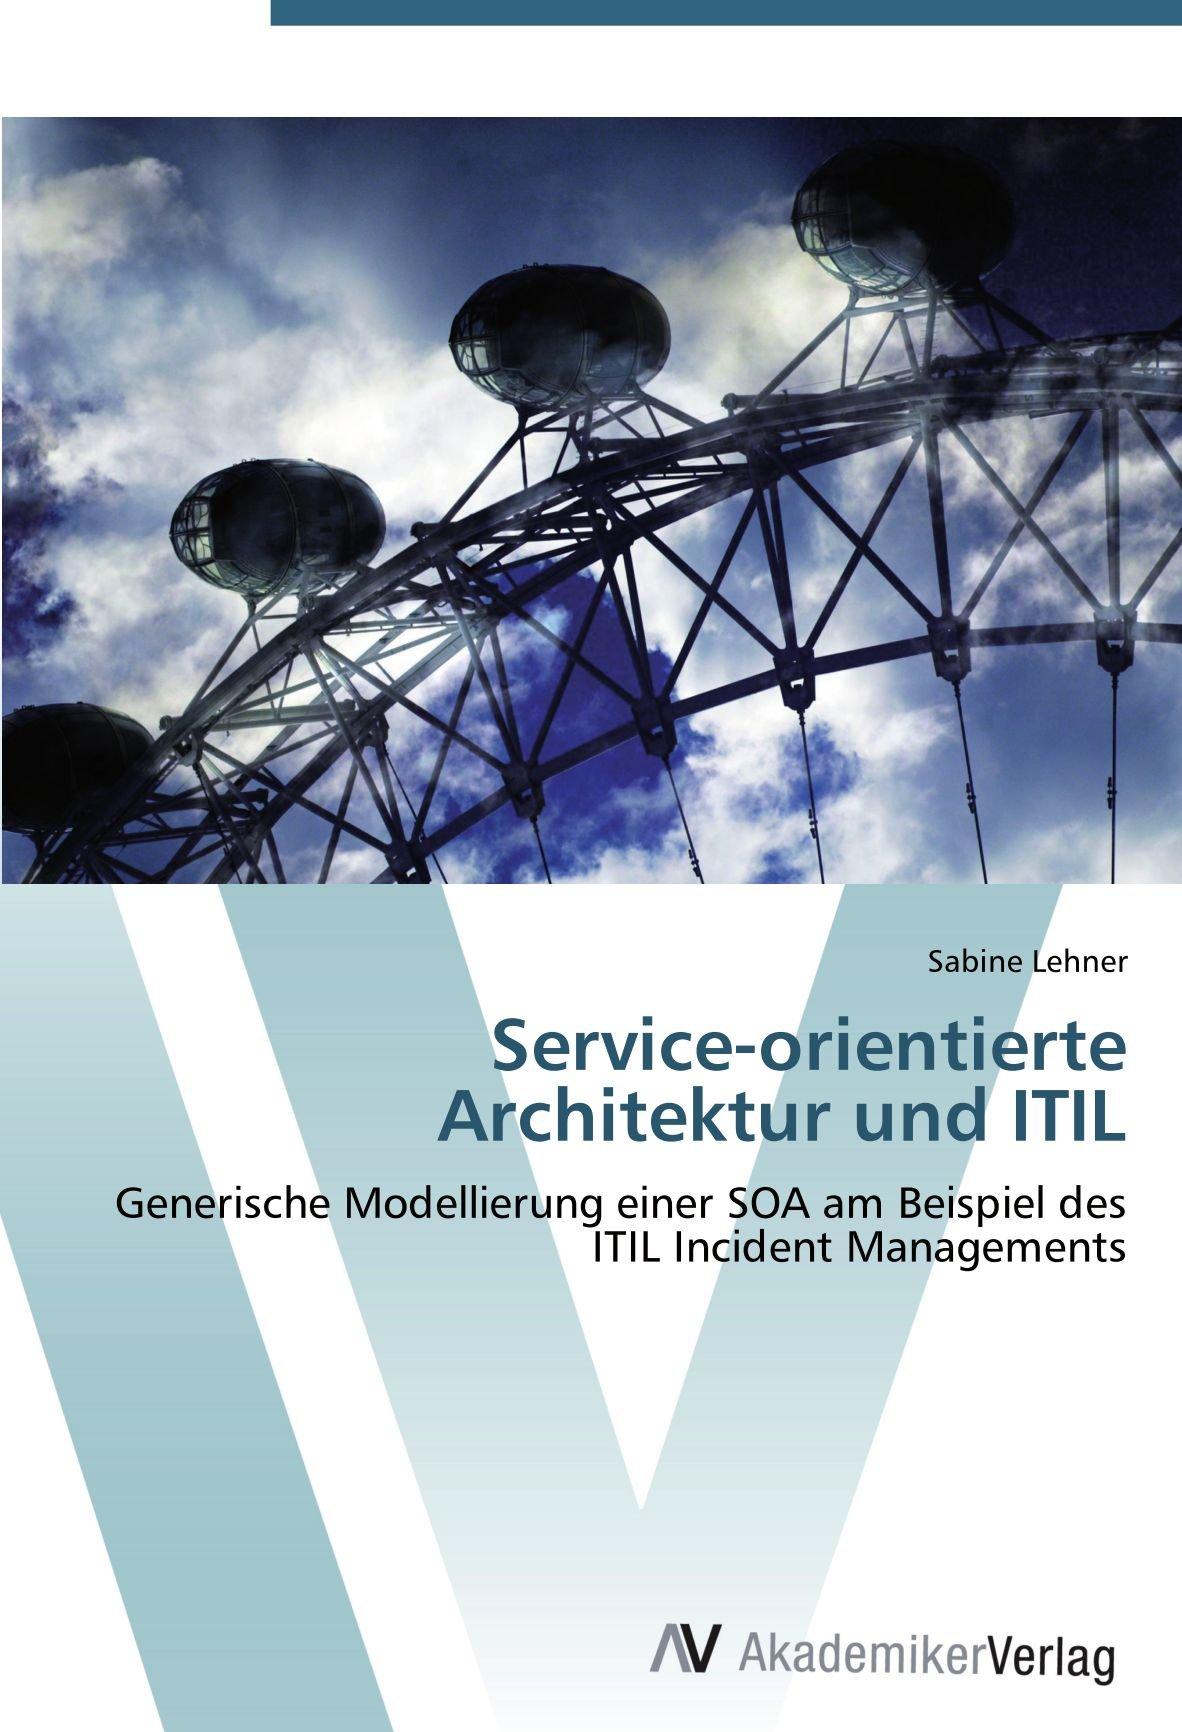 Download Service-orientierte Architektur und ITIL: Generische Modellierung einer SOA am Beispiel des ITIL Incident Managements (German Edition) pdf epub